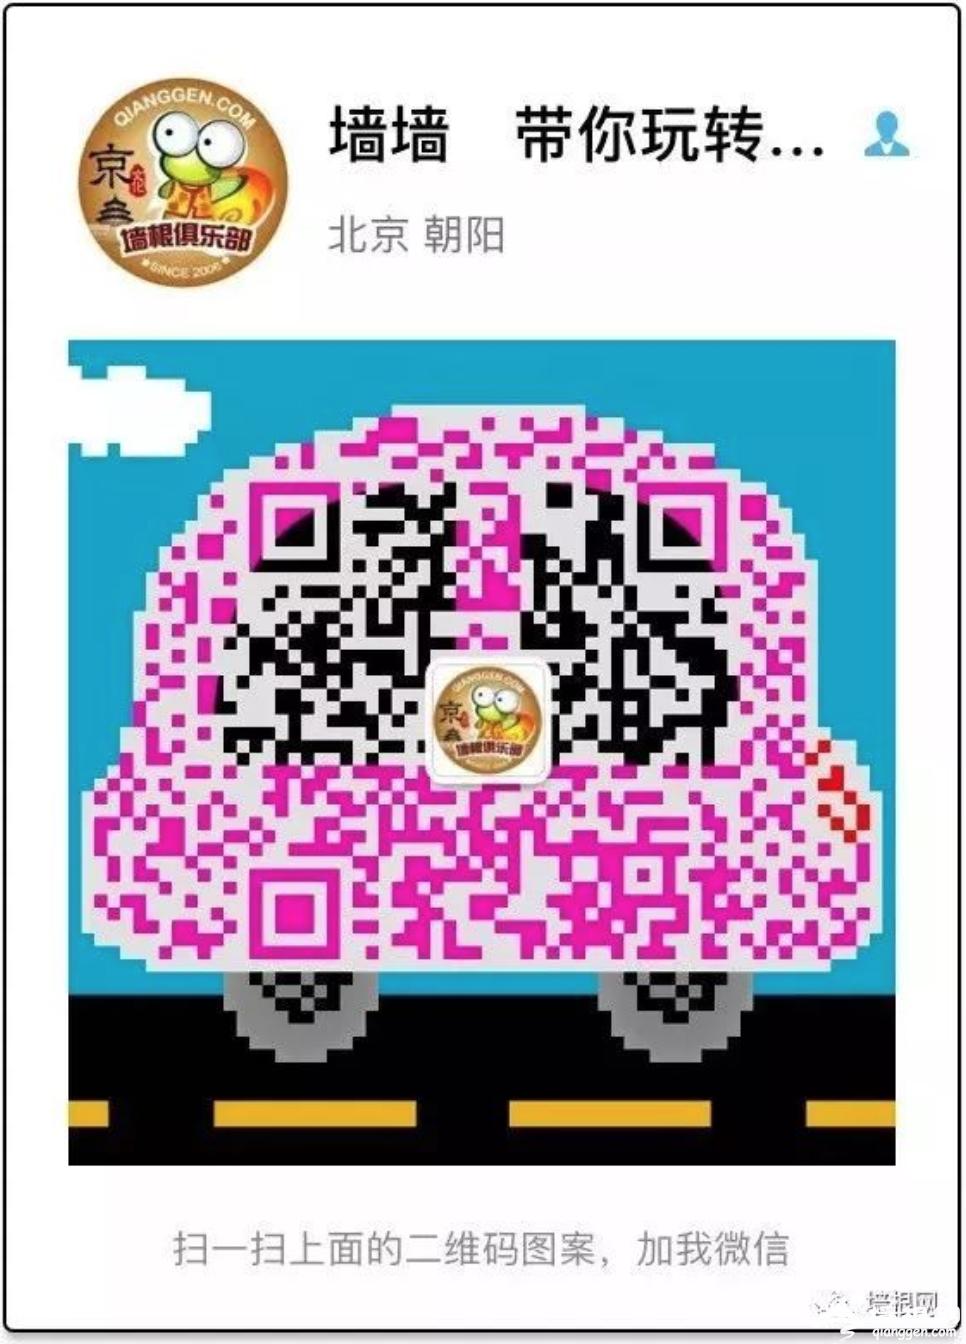 北京平谷亲子旅游微信群如何加入[墙根网]